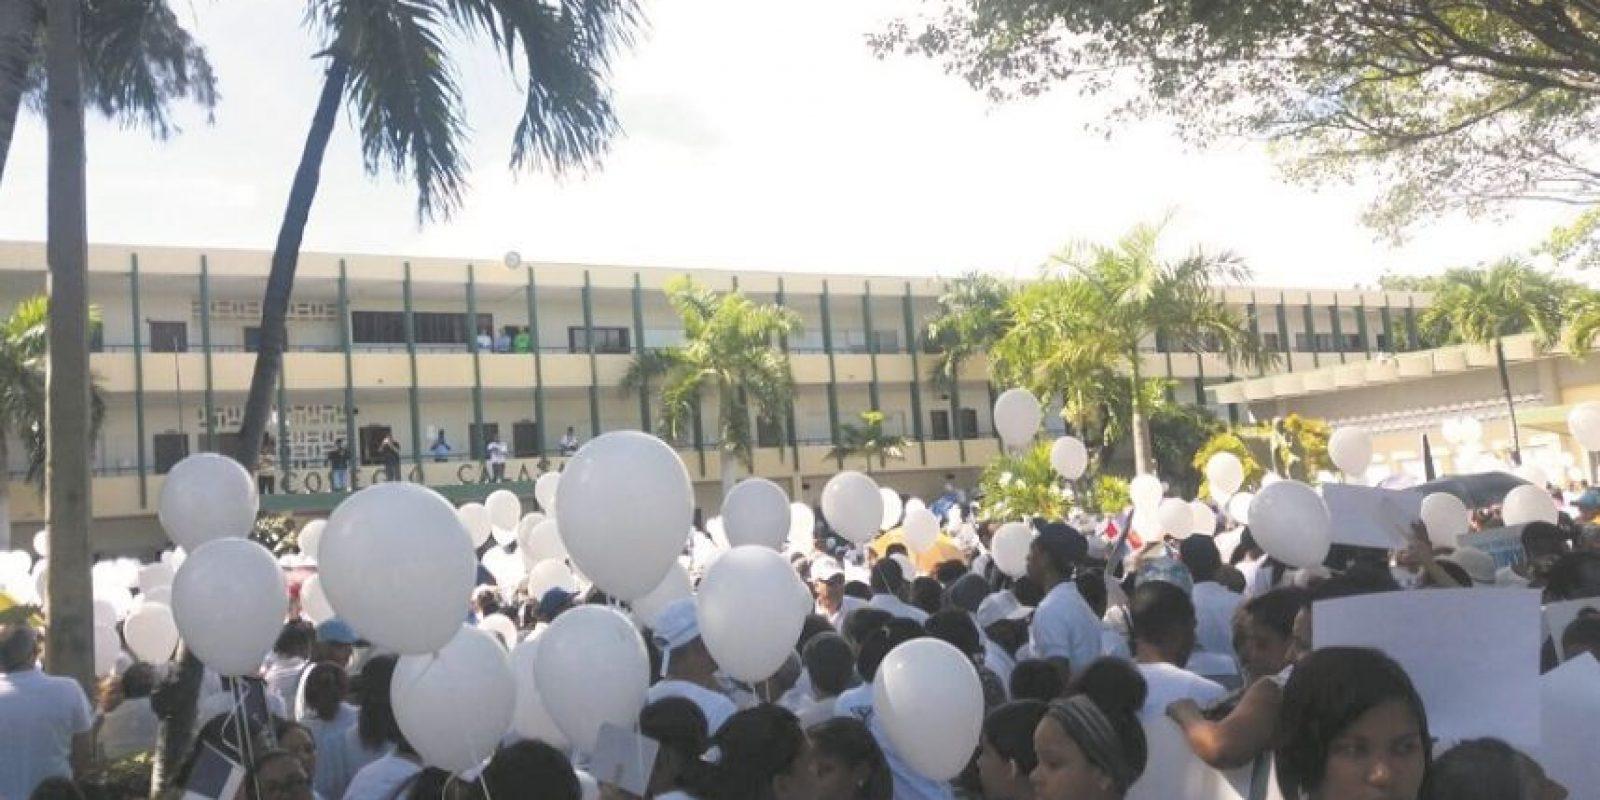 """Vestidos de blanco y con globos en mano se apostaron con un """"Sí"""" a la sostenibilidad. Foto:Fuente externa"""